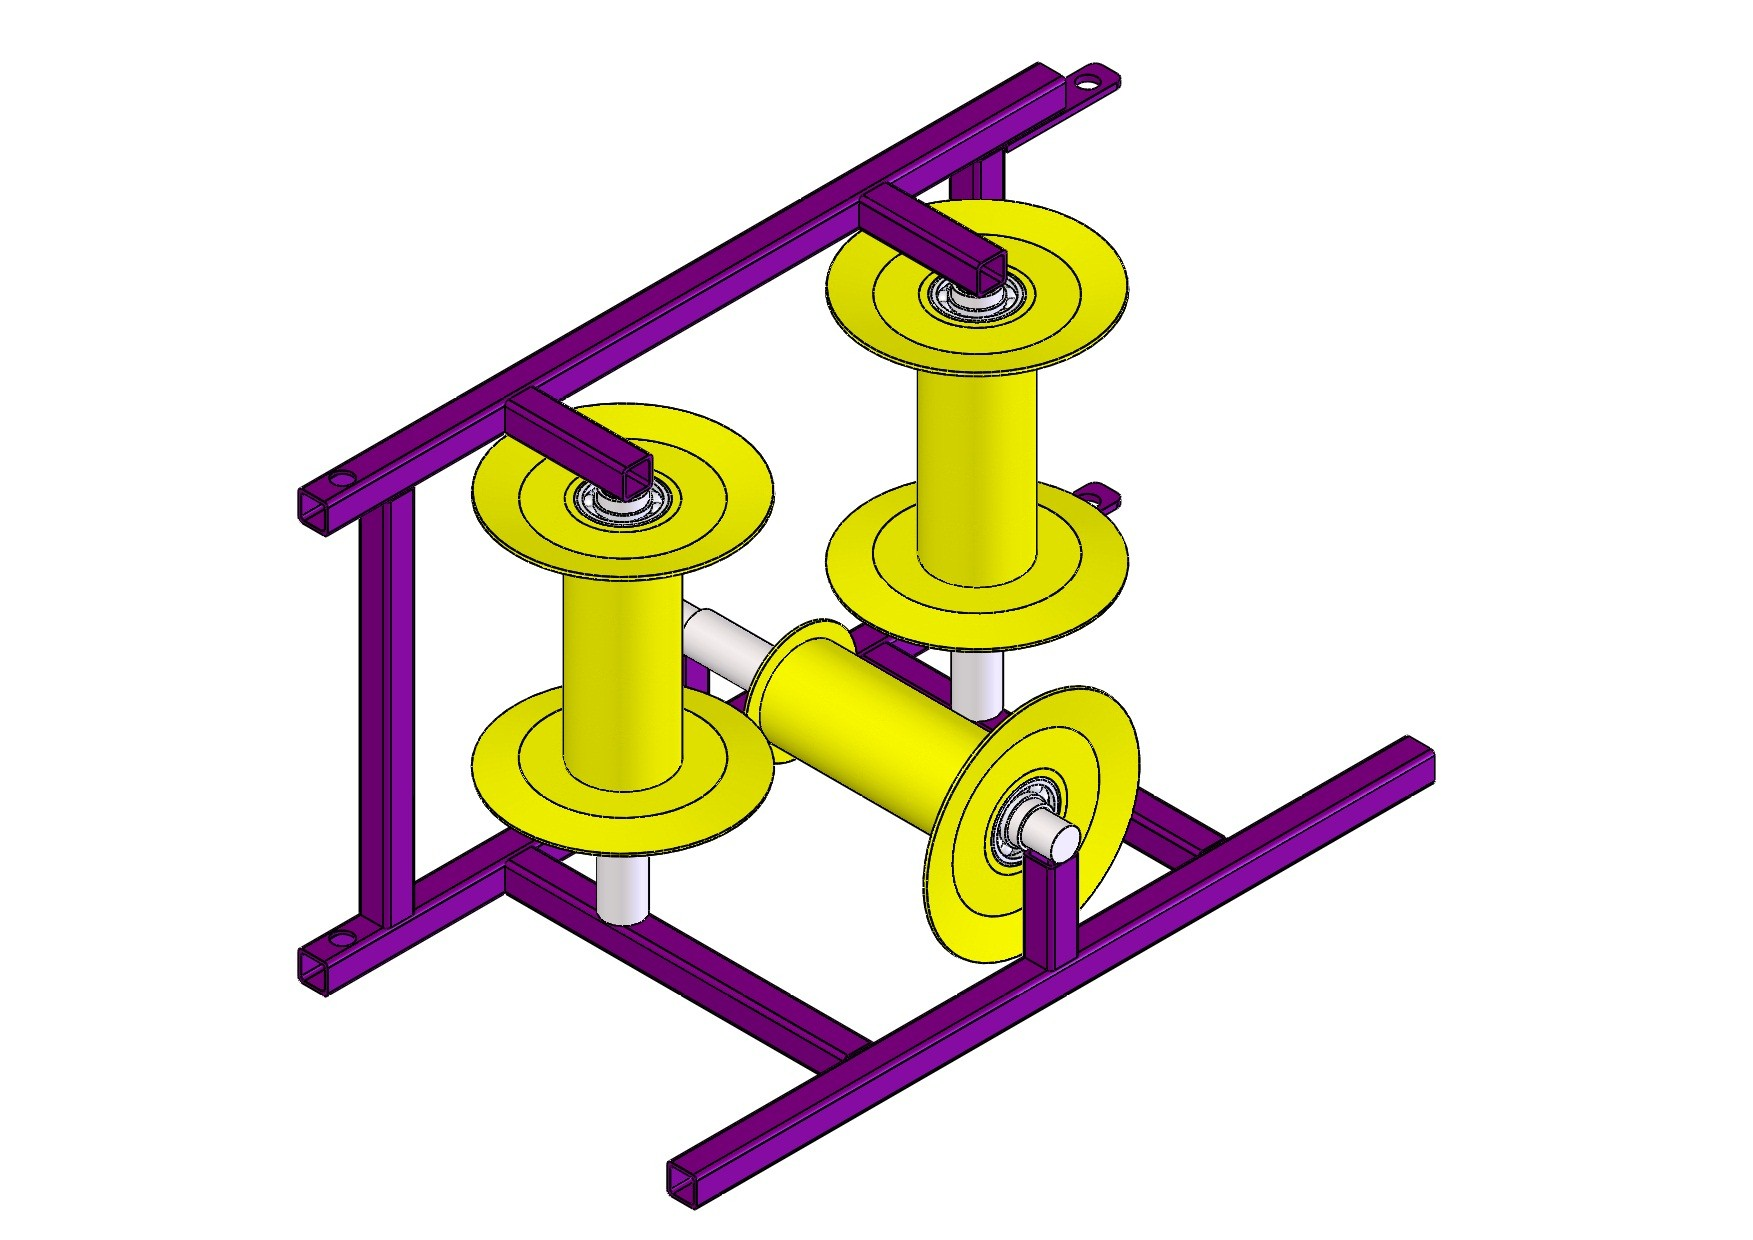 Характеристики ролика углового модульного для прокладки кабеля различных типоразмеров представлены в таблице ниже: